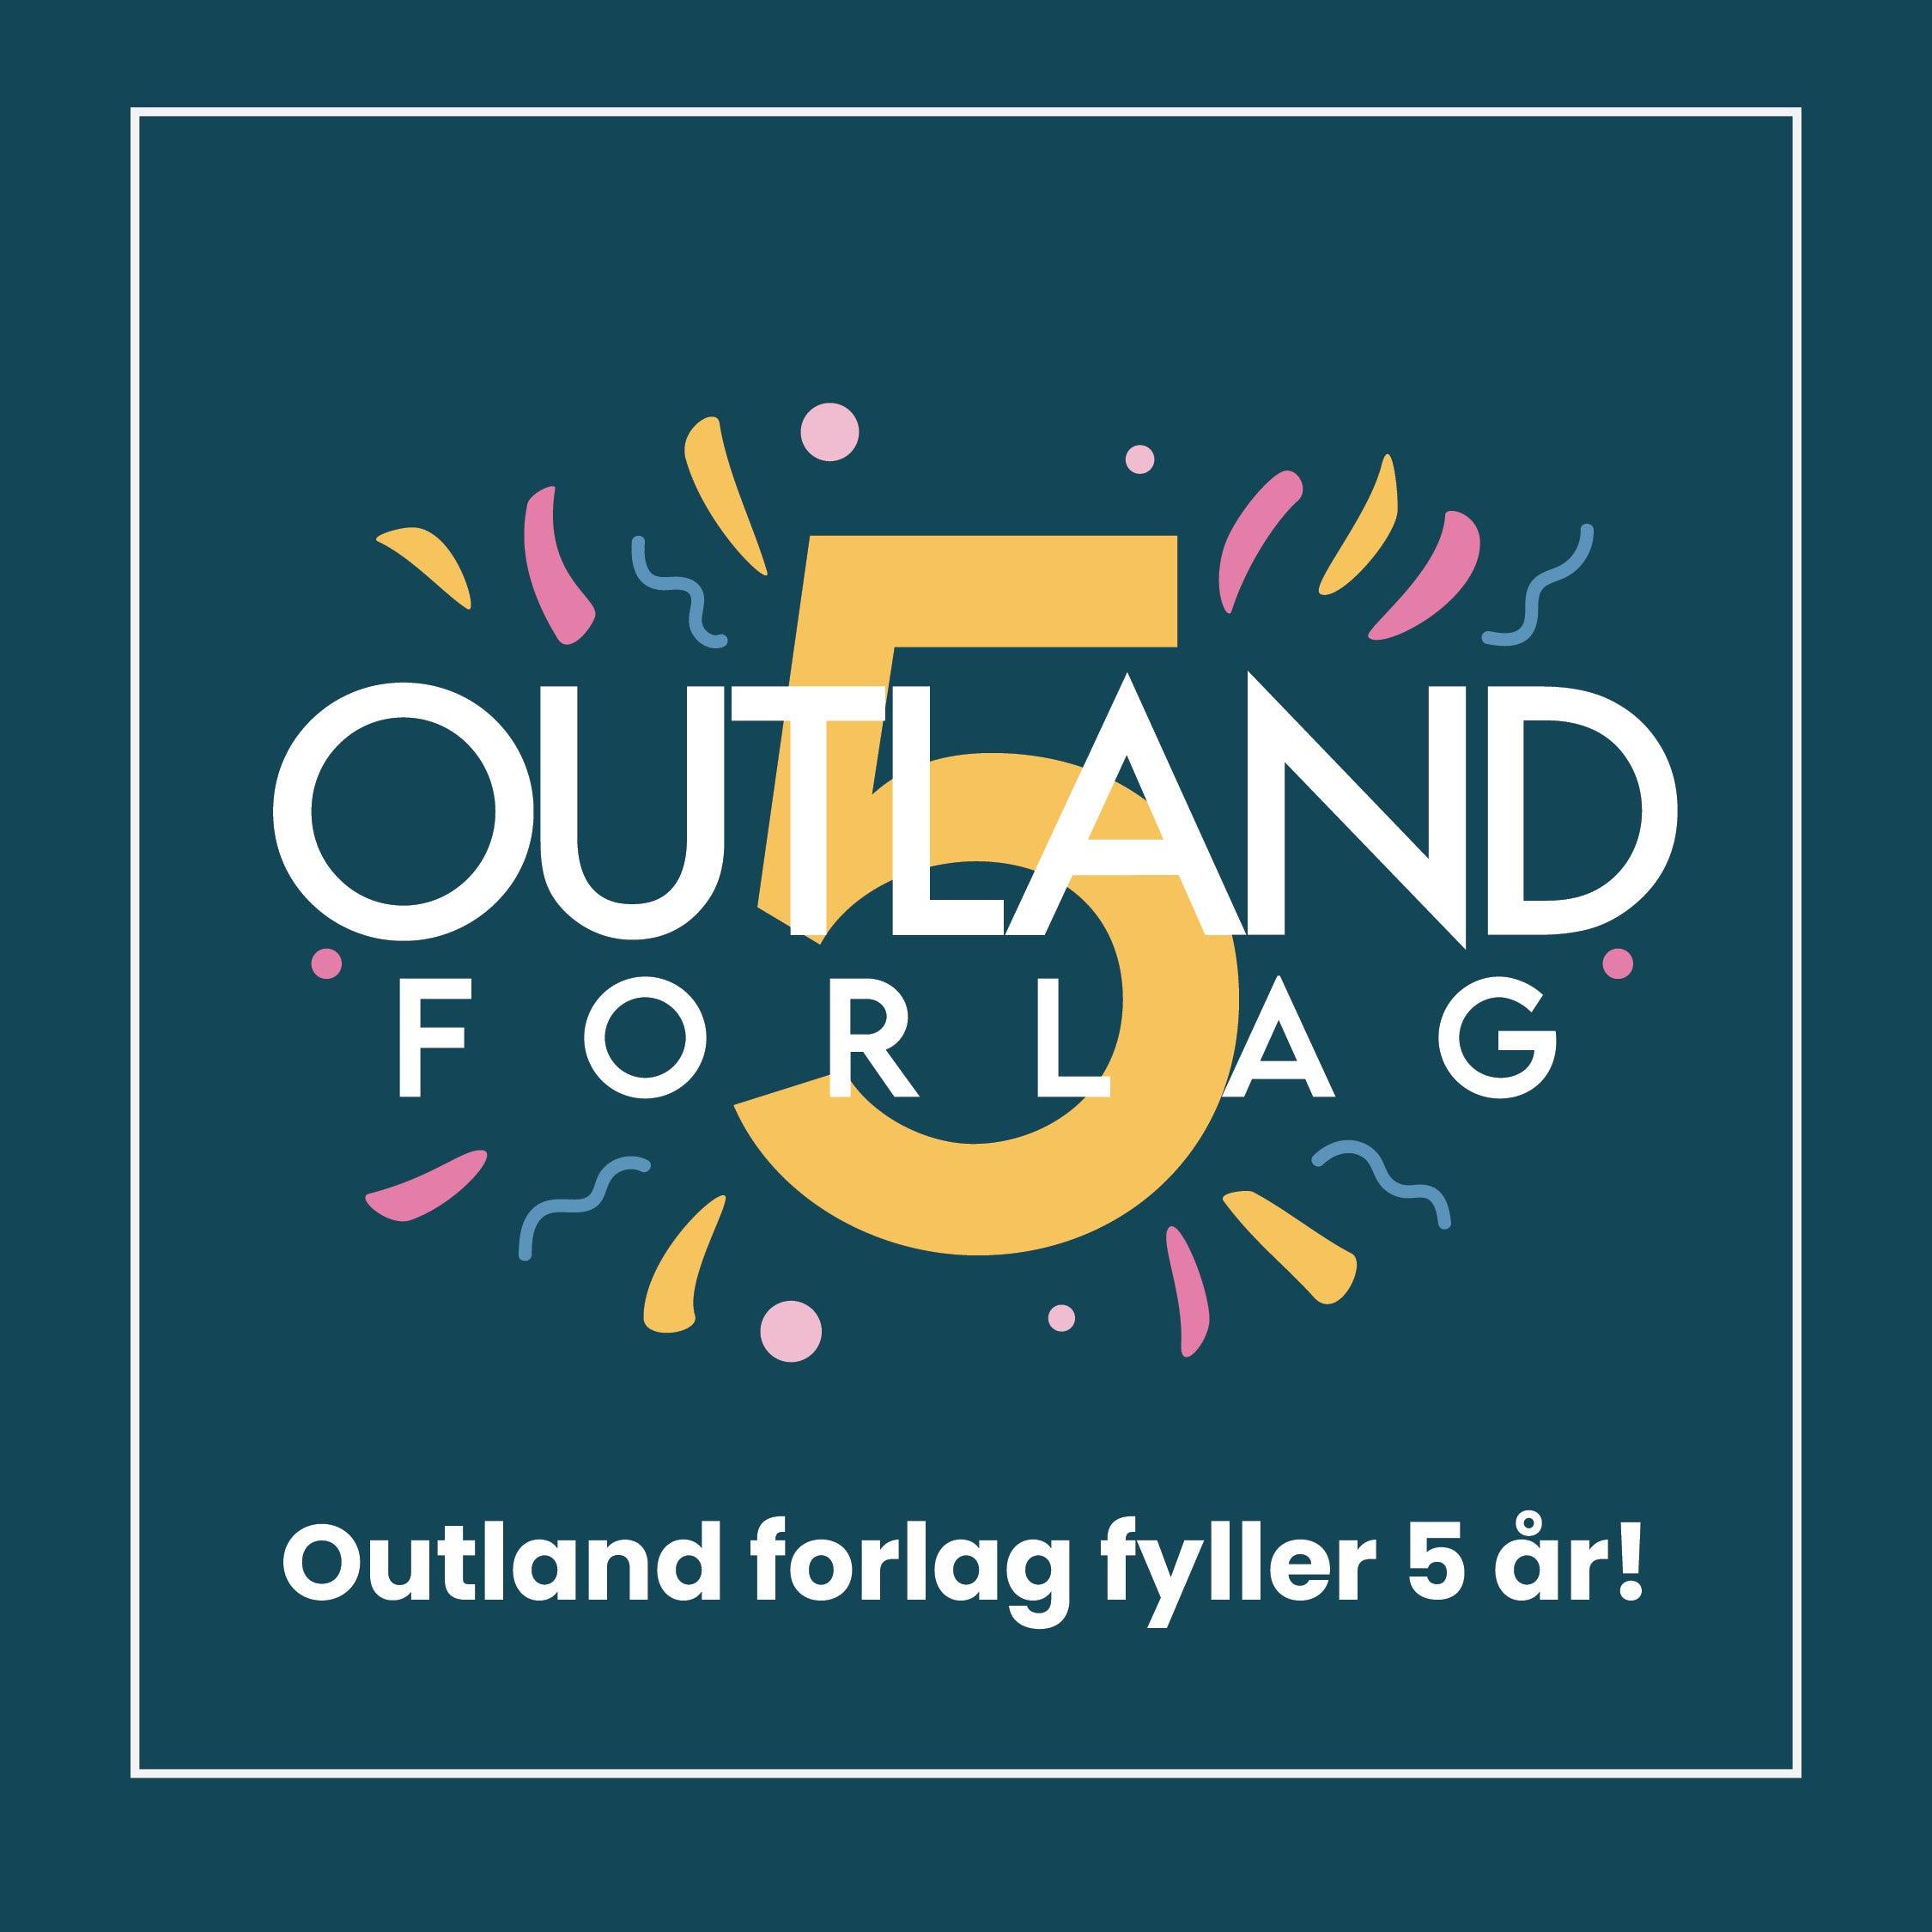 Outland forlag fyller 5 år! Følg markeringene våre